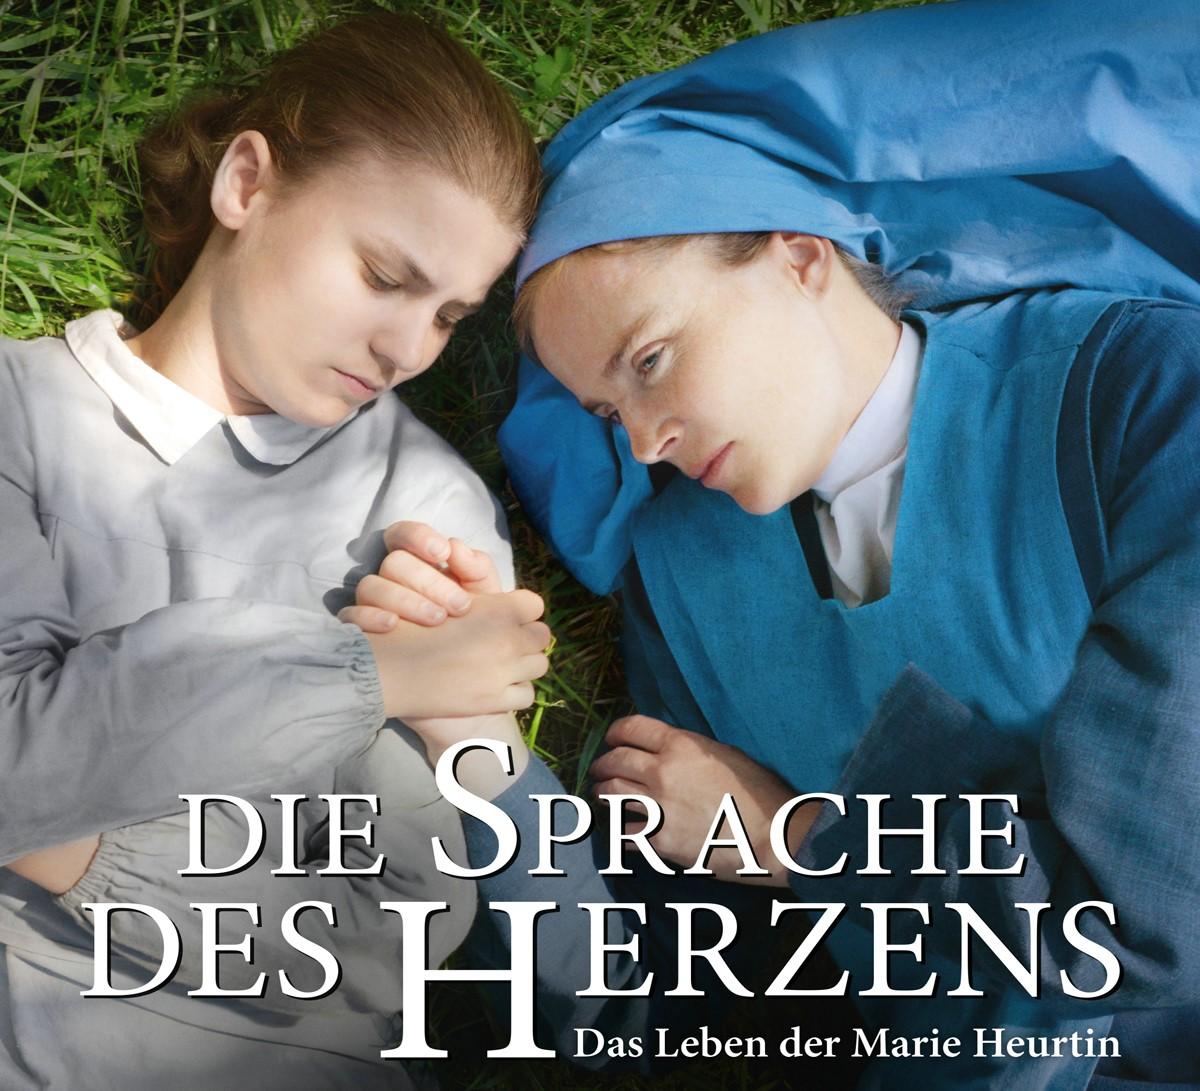 """""""Heute bin ich einer Seele begegnet"""" - ~Zitat der Schwester Marguerite aus dem Film~der Film basiert auf der wahren Geschichte von Marie Heurtin, einem taub und blind geborenen Mädchen im Frankreich des späten 19. Jahrhunderts."""